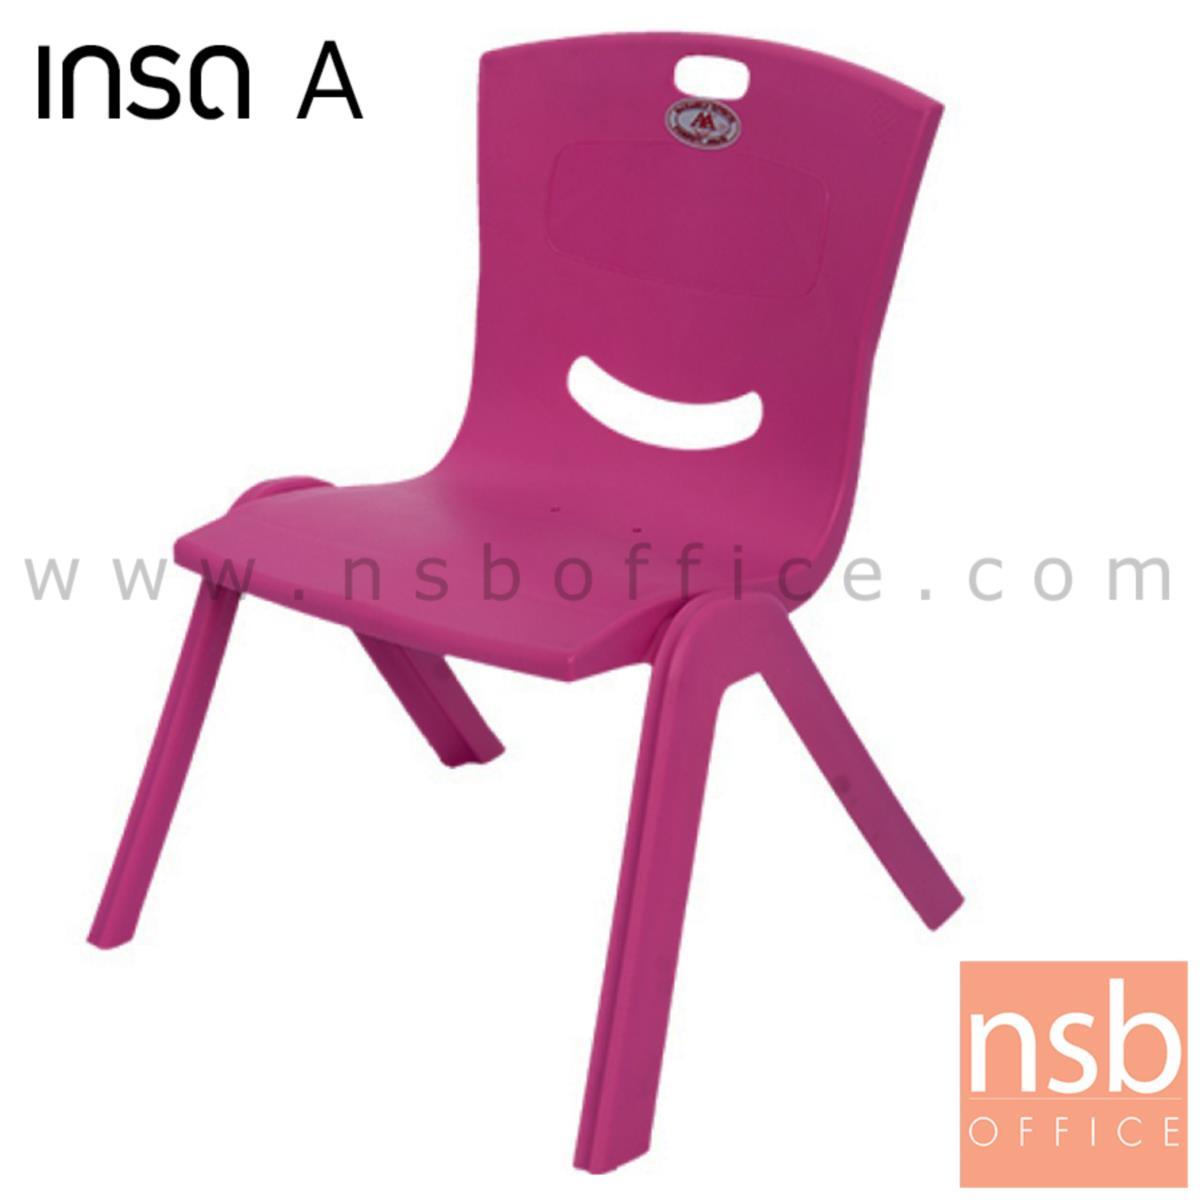 B10A067:เก้าอี้พลาสติกสำหรับเด็ก รุ่น BEBY-TEDDY_CHAIR (พลาสติกเกรด A)